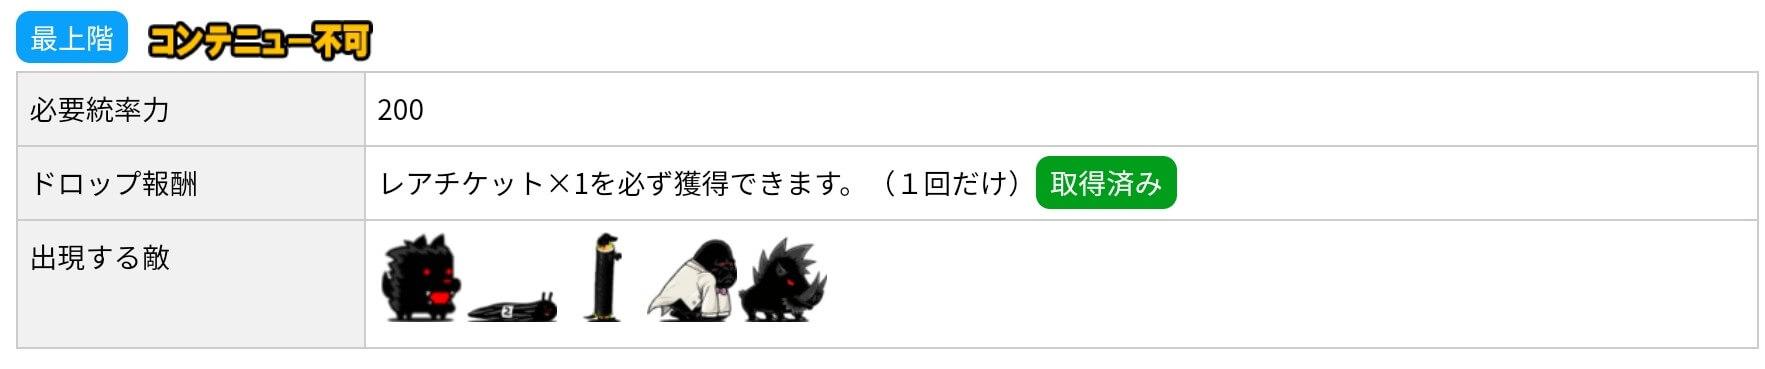 にゃんこ別塔(黒)最上階(10階) 敵編成